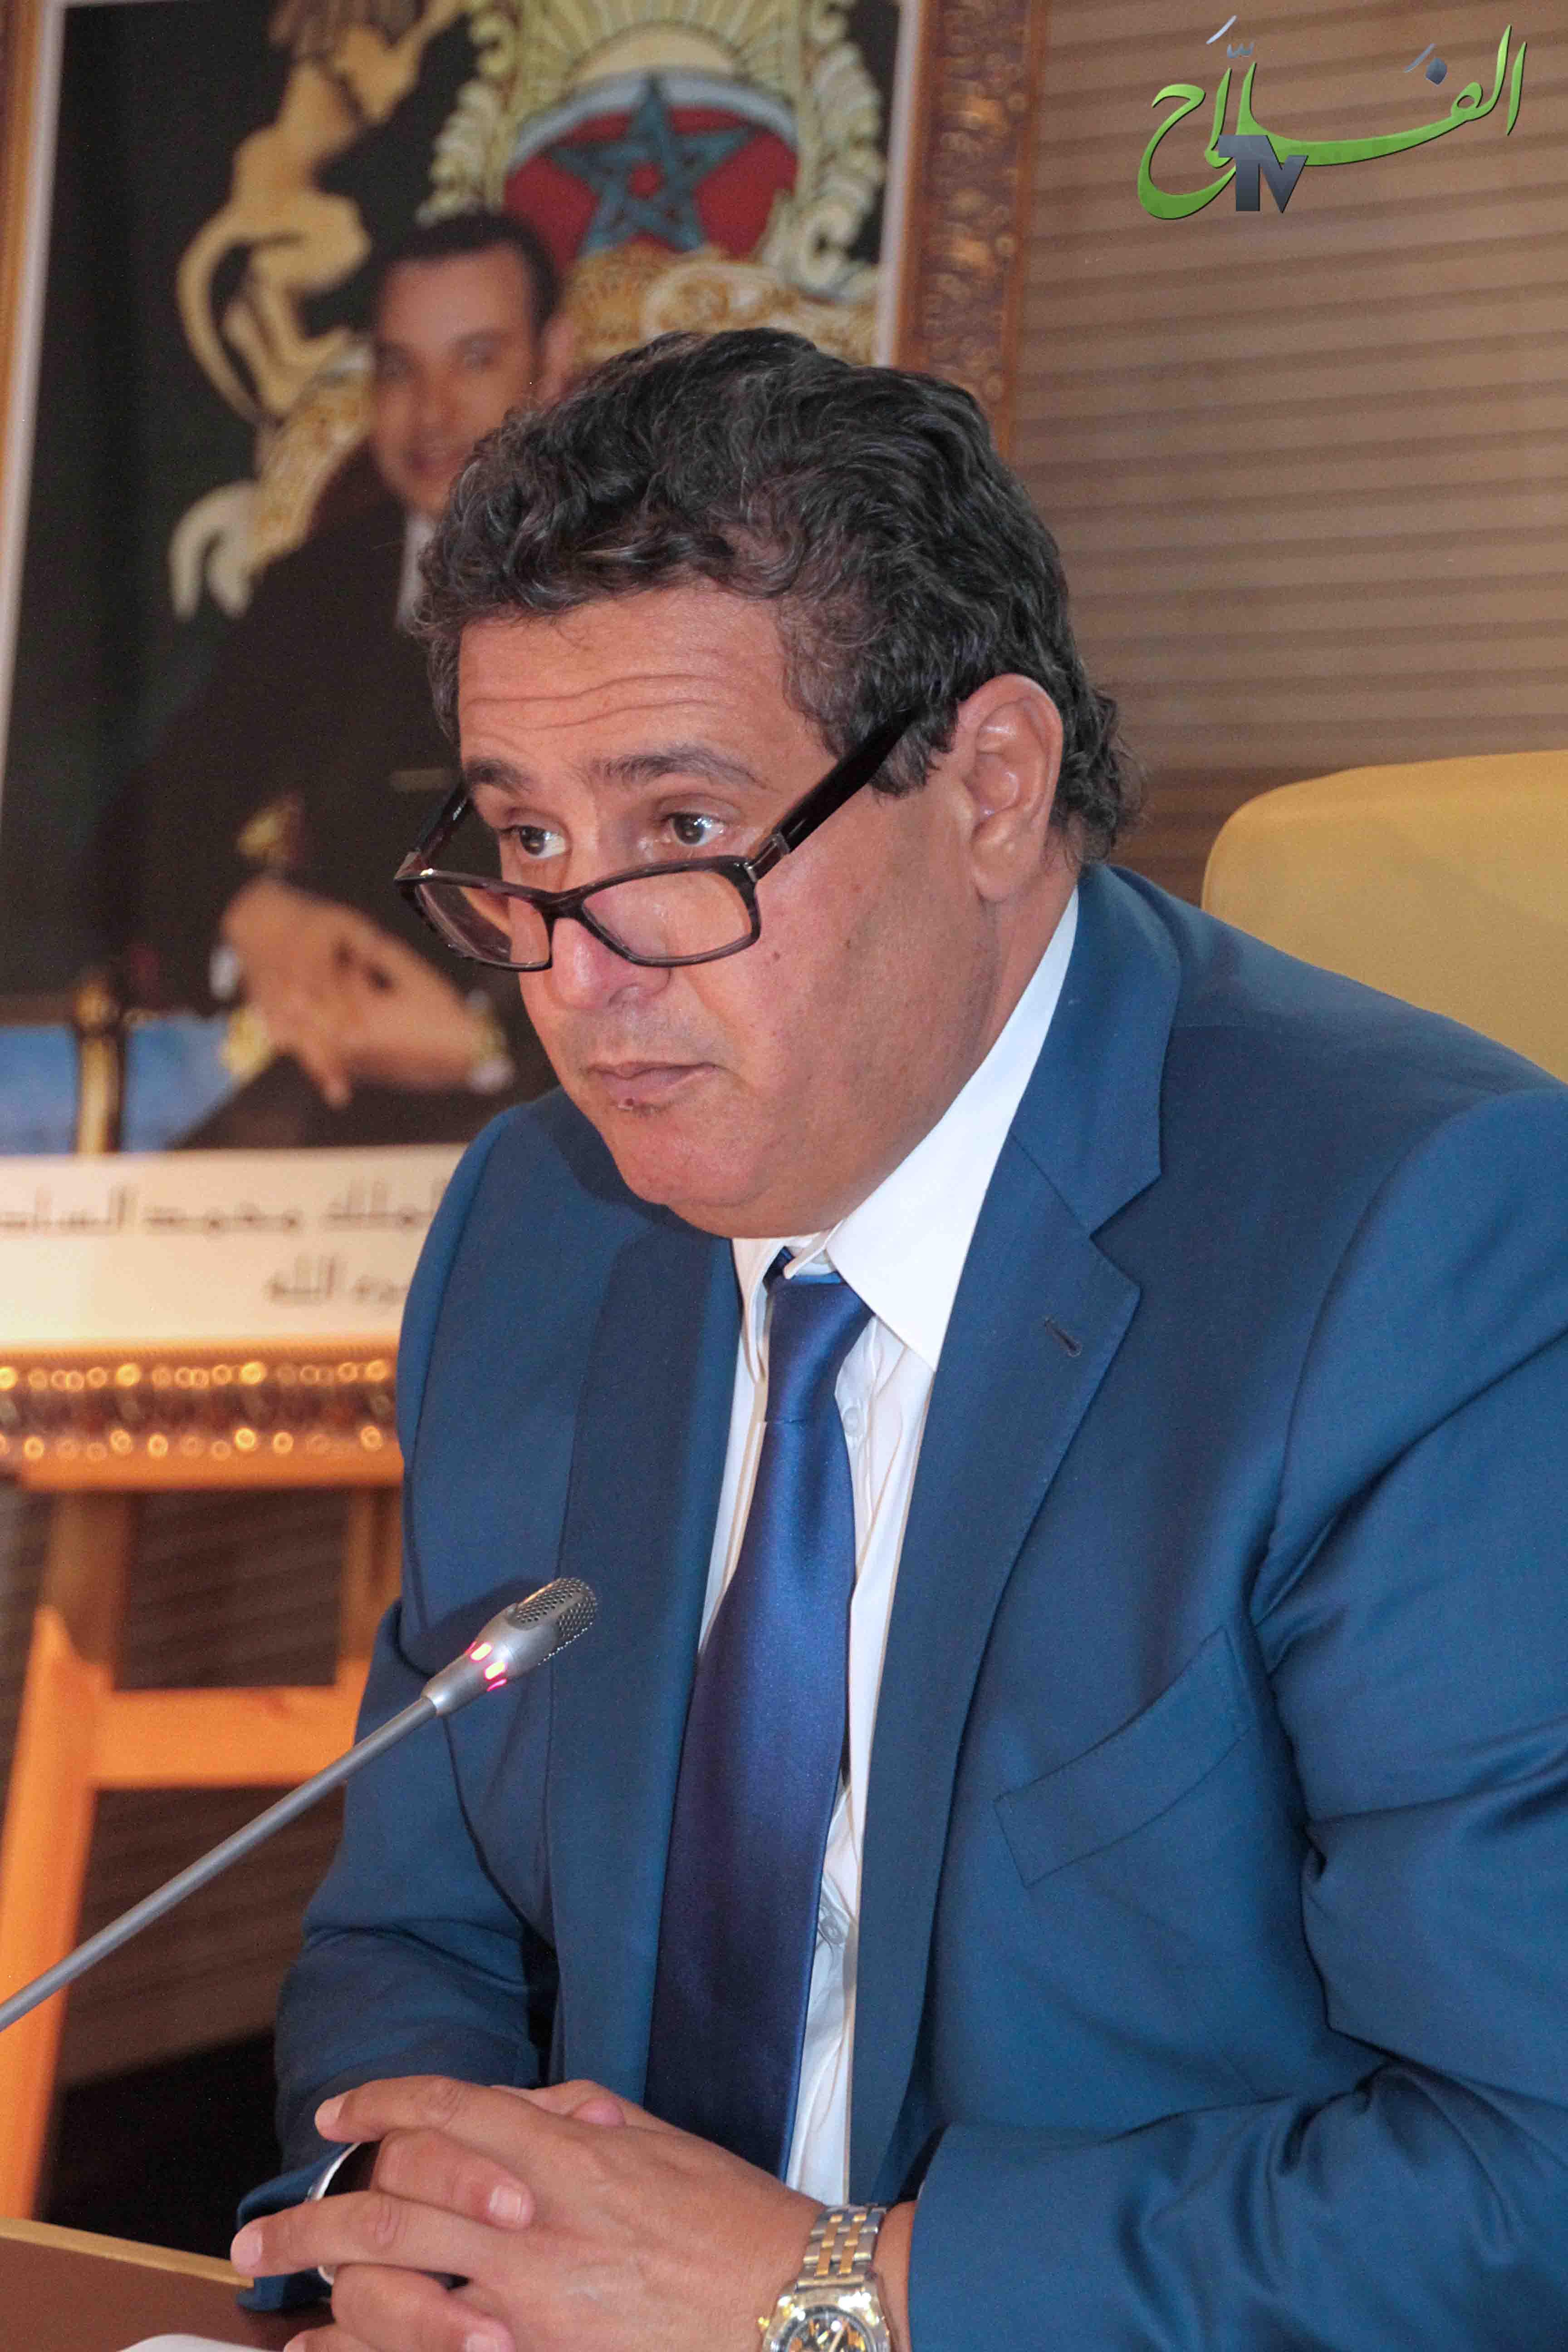 السيد أخنوش يعقد اجتماعا مع رؤساء غرف الفلاحة لتنفيذ مخطط مواجهة تداعيات التأخر في سقوط الأمطار.